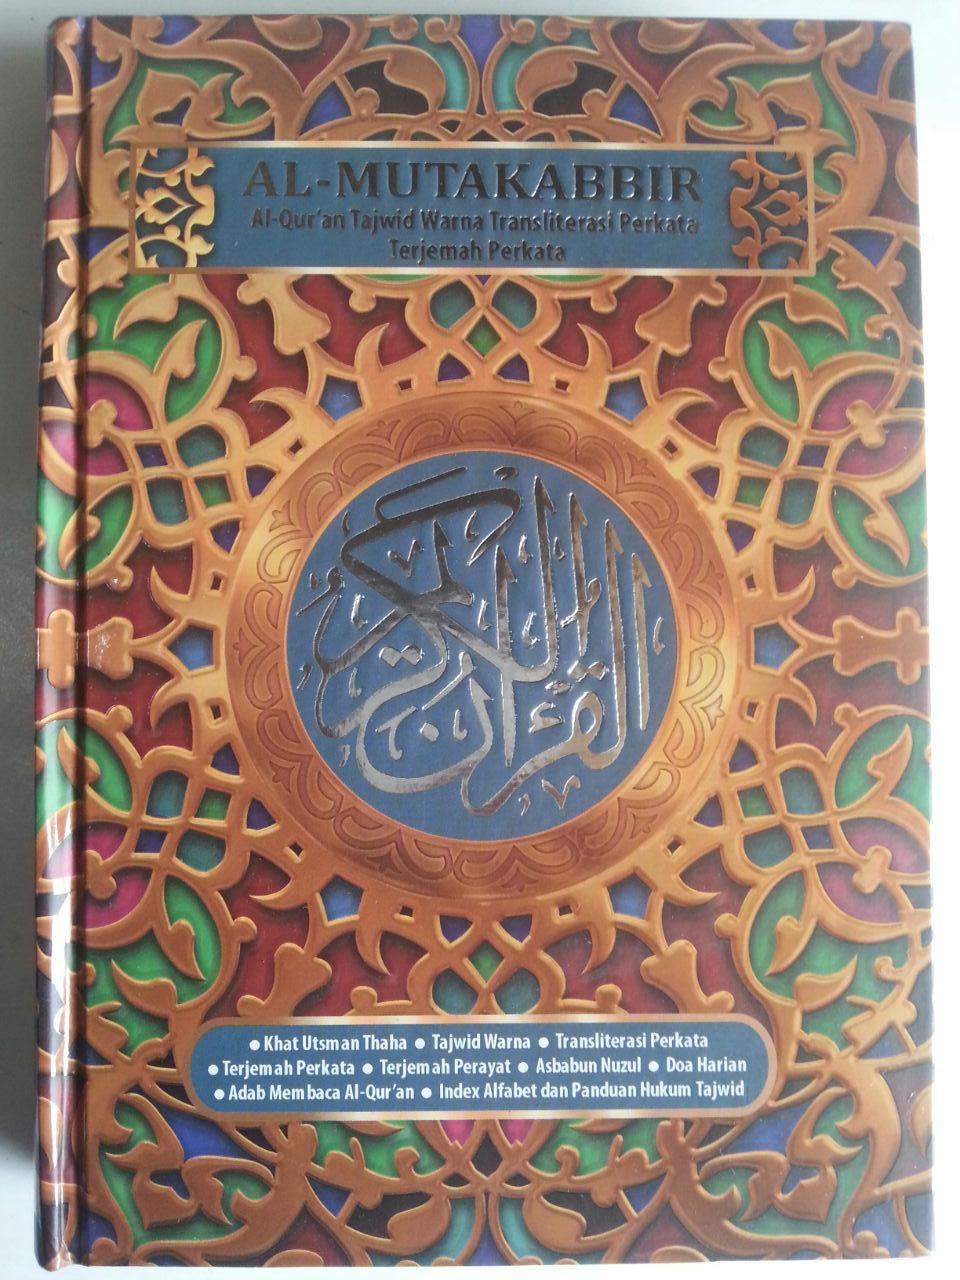 Al-Qur'an Tajwid Warna Transliterasi Terjemah Perkata Al-Mutakabbir A5 cover 2